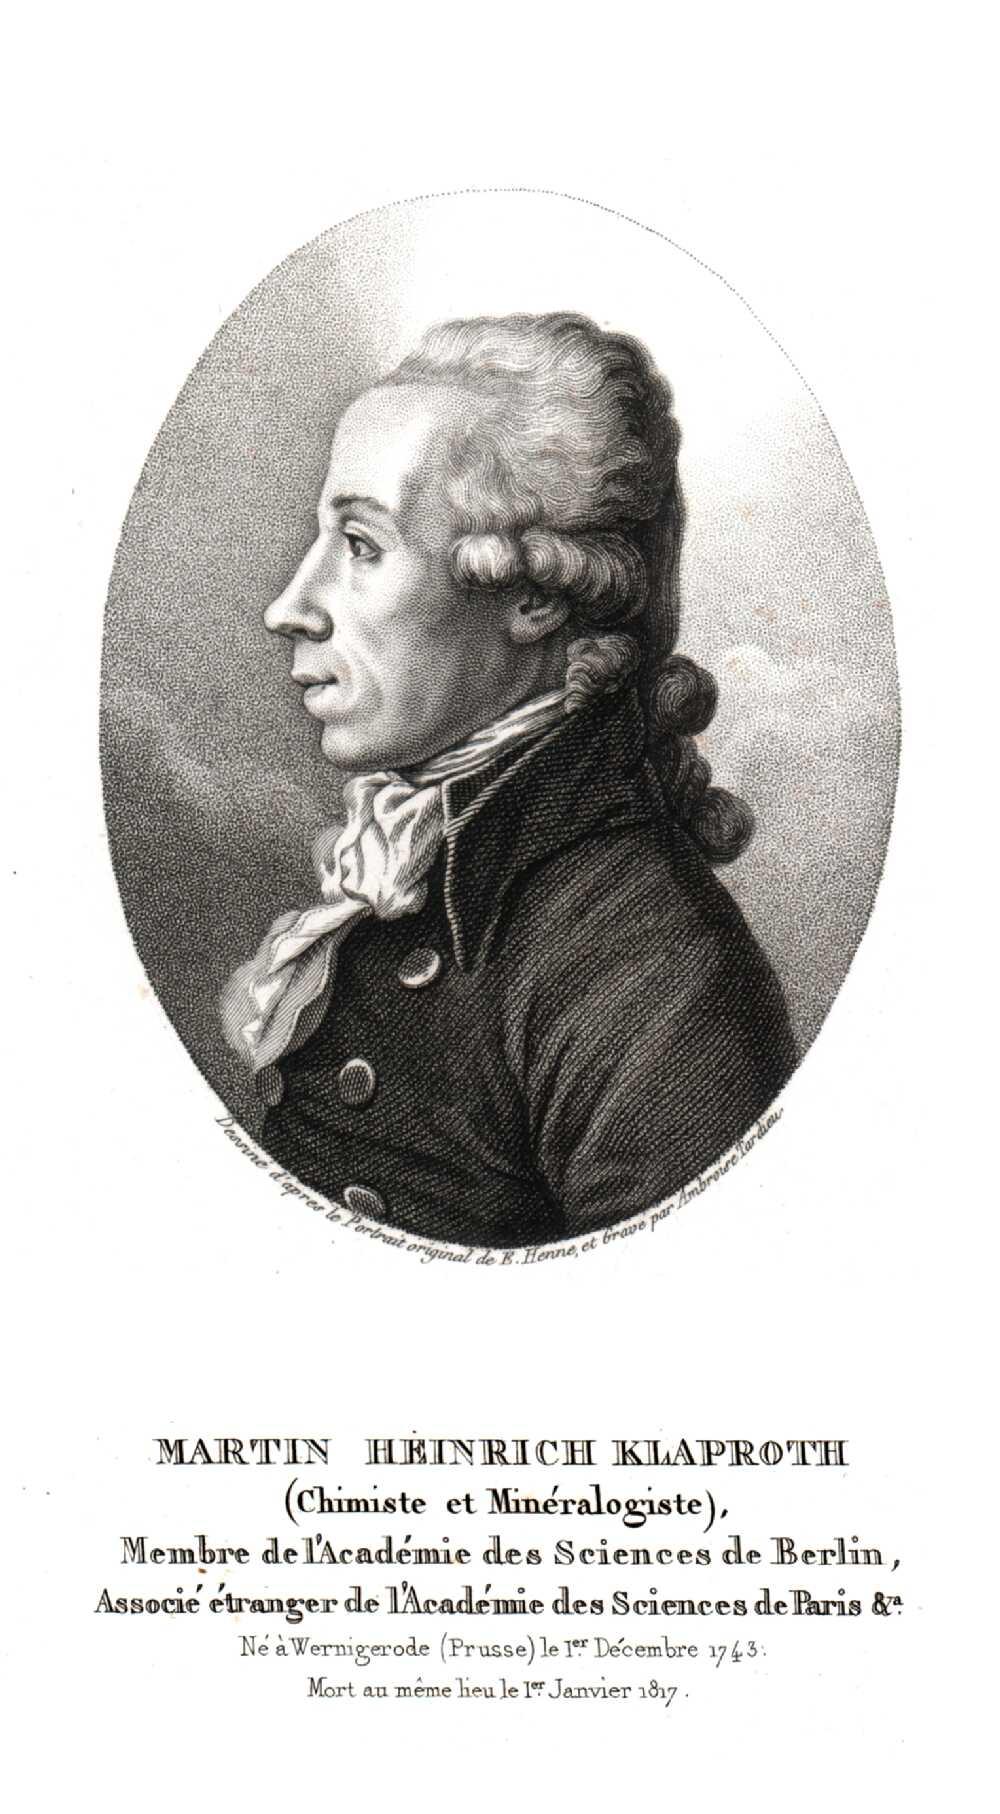 Portrait of Martin Heinrich Klapproth,  Image number:SIL14-K002-06a